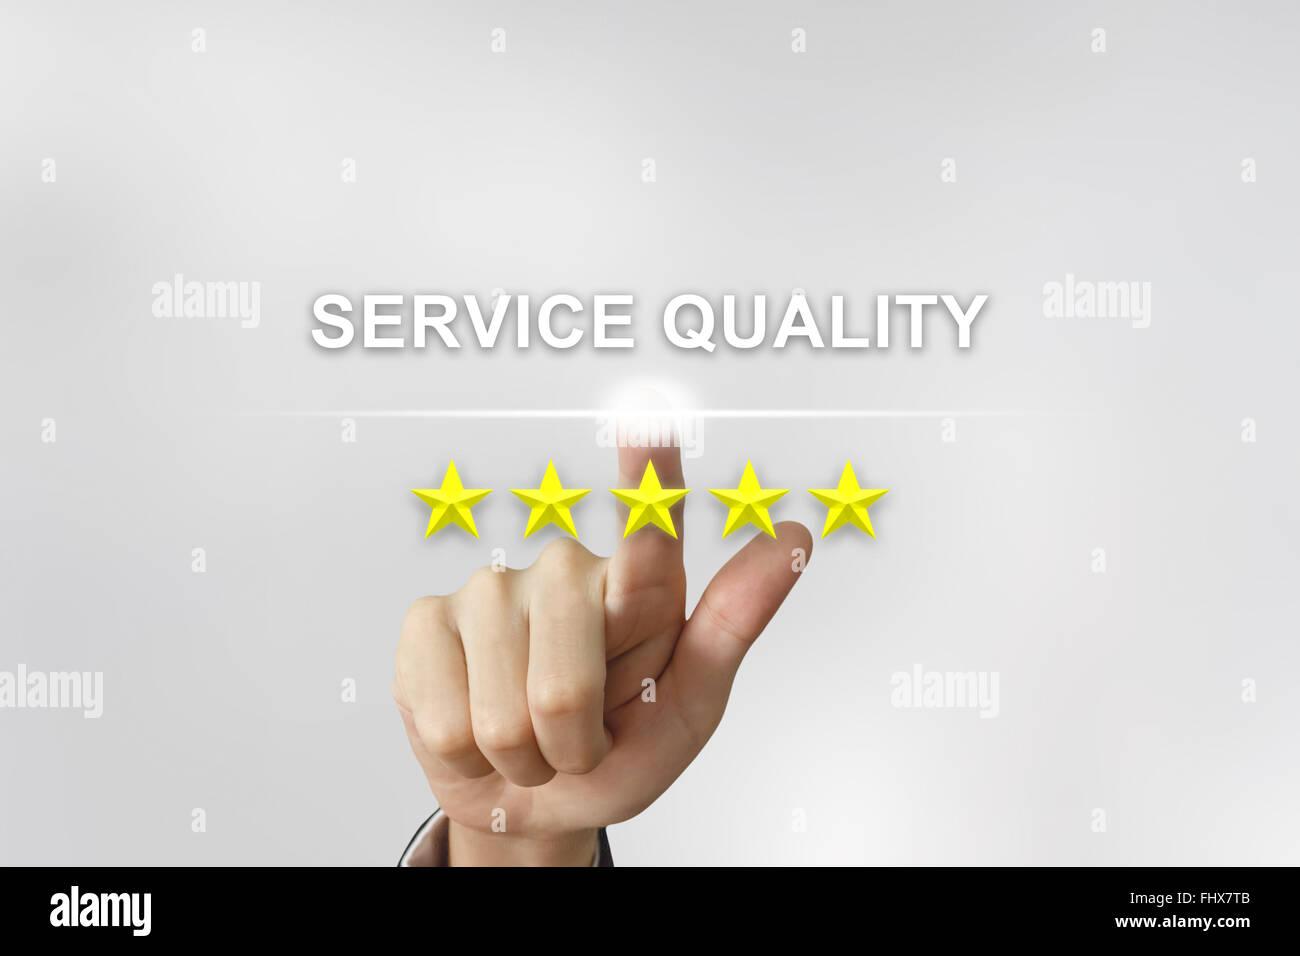 Unternehmen der Hand Sie auf Service-Qualität mit fünf Sternen auf dem Bildschirm Stockfoto